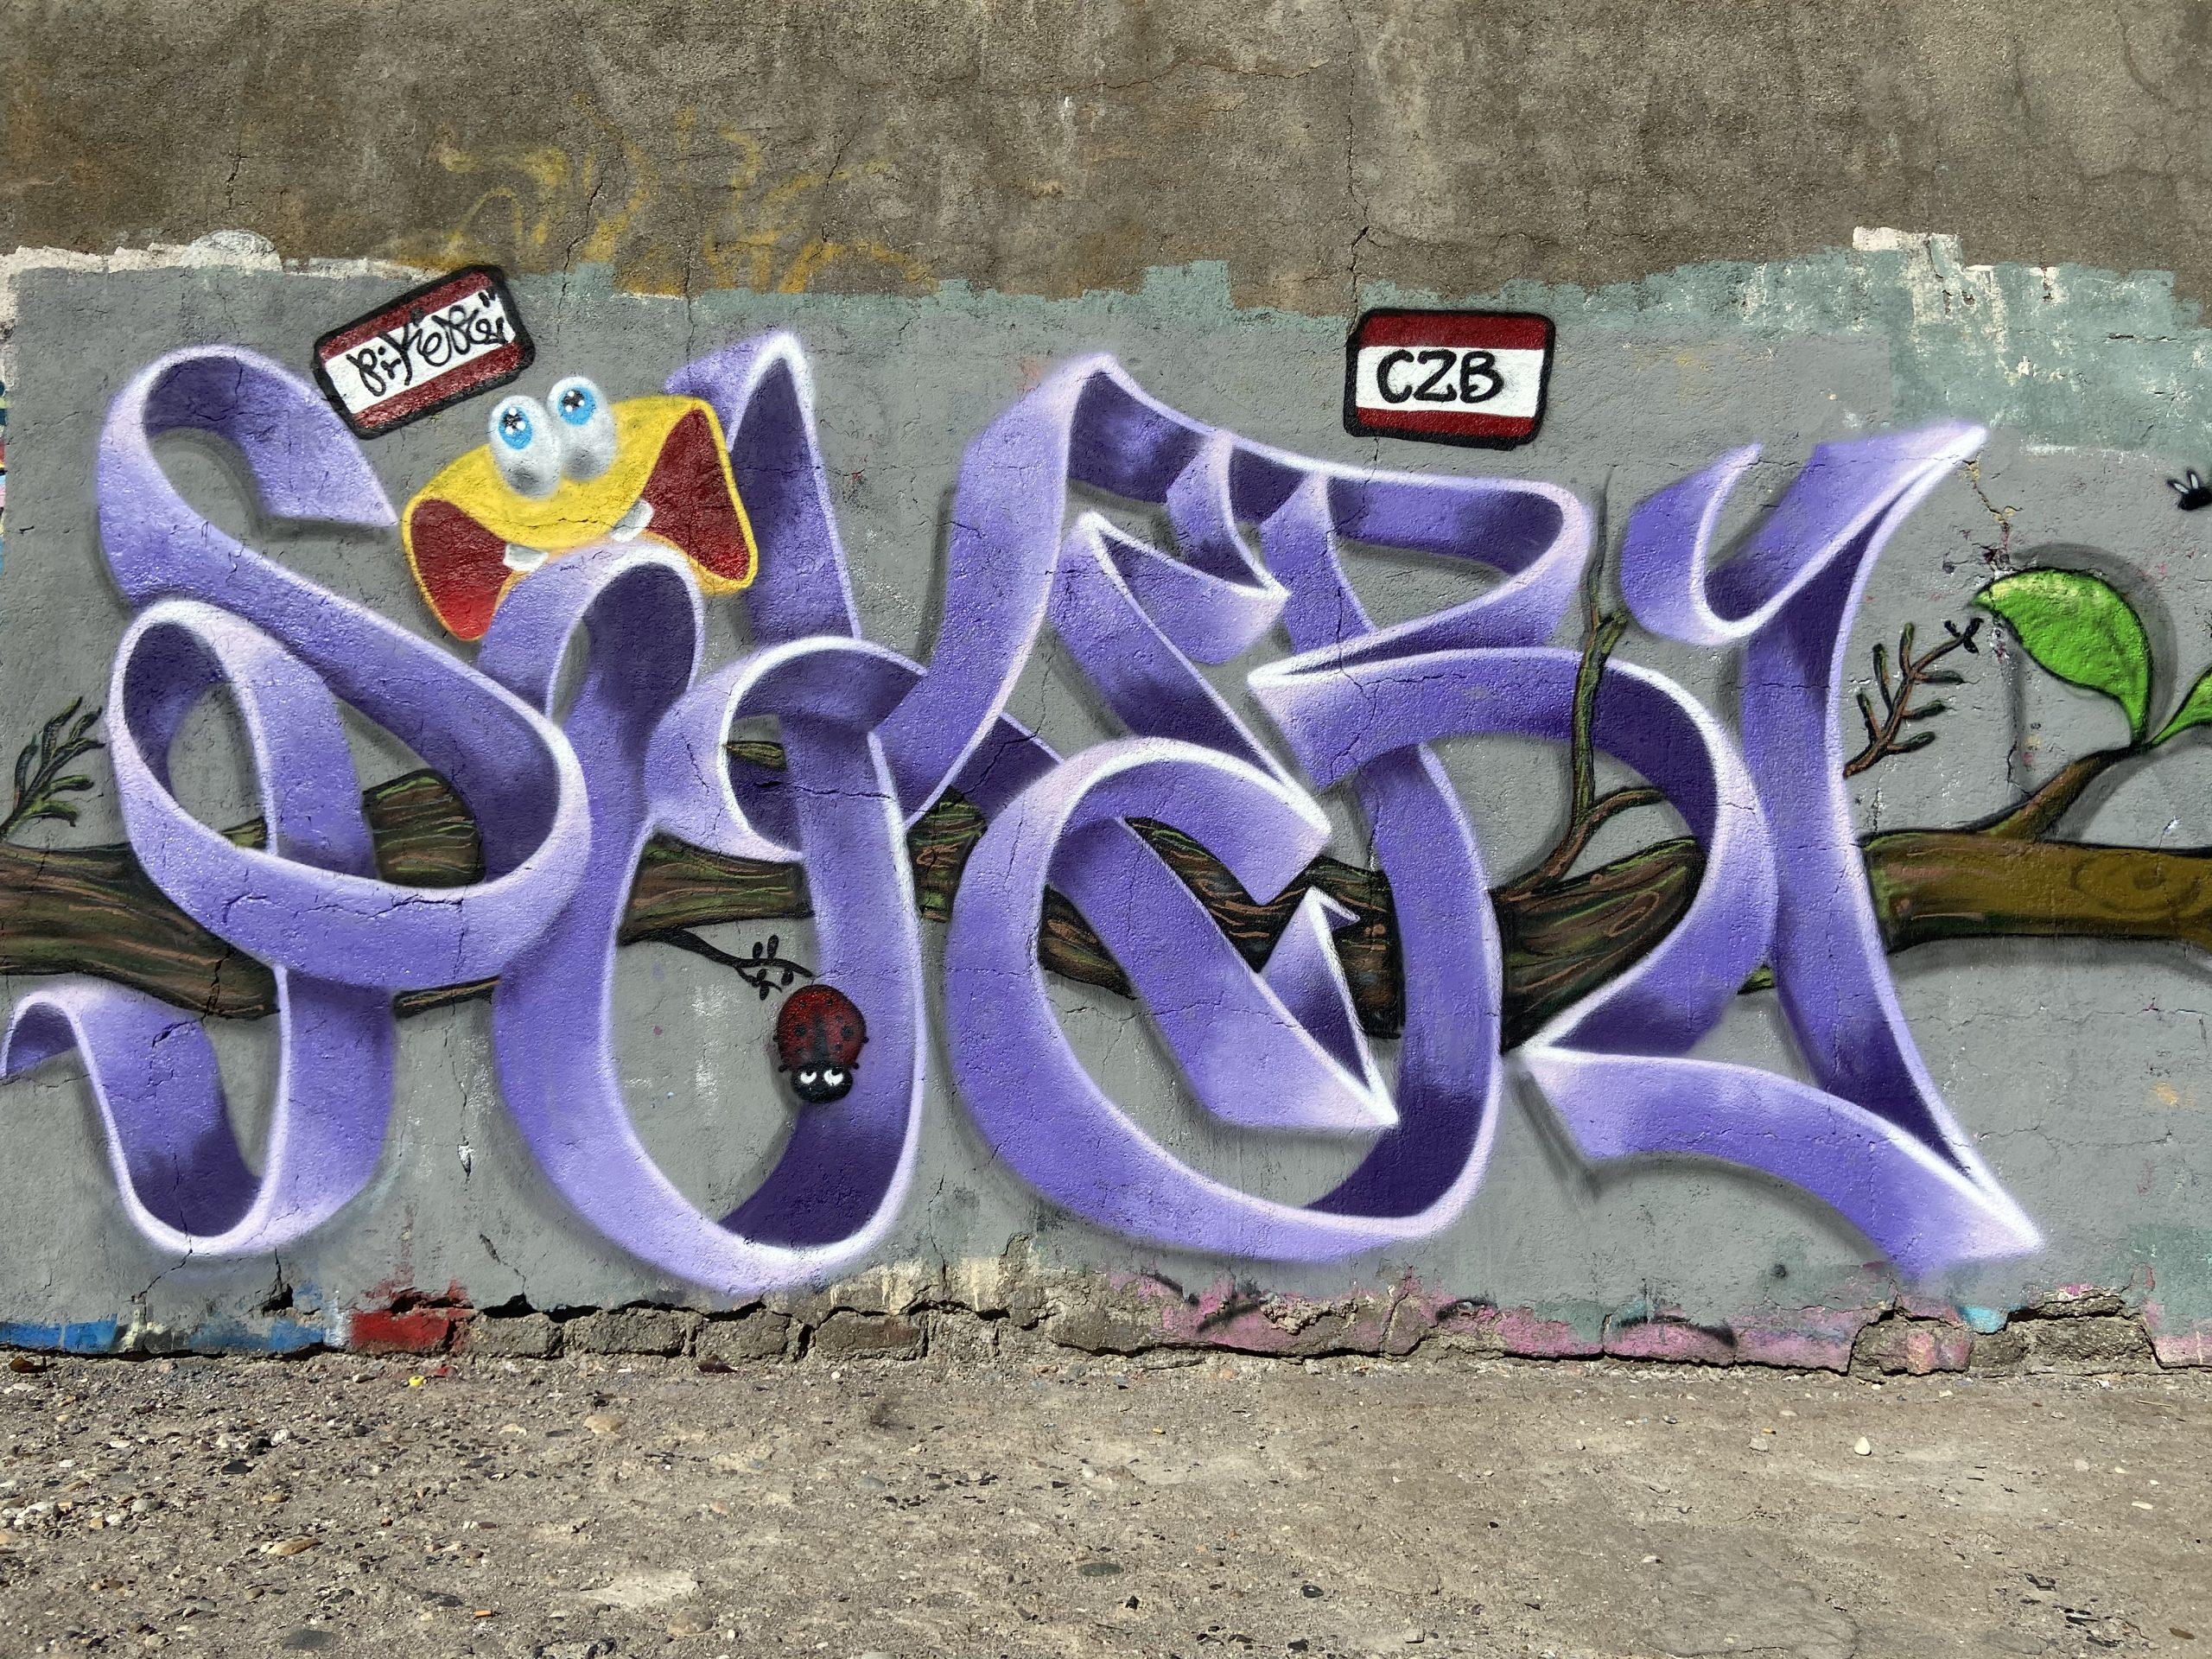 graffiti piker czb